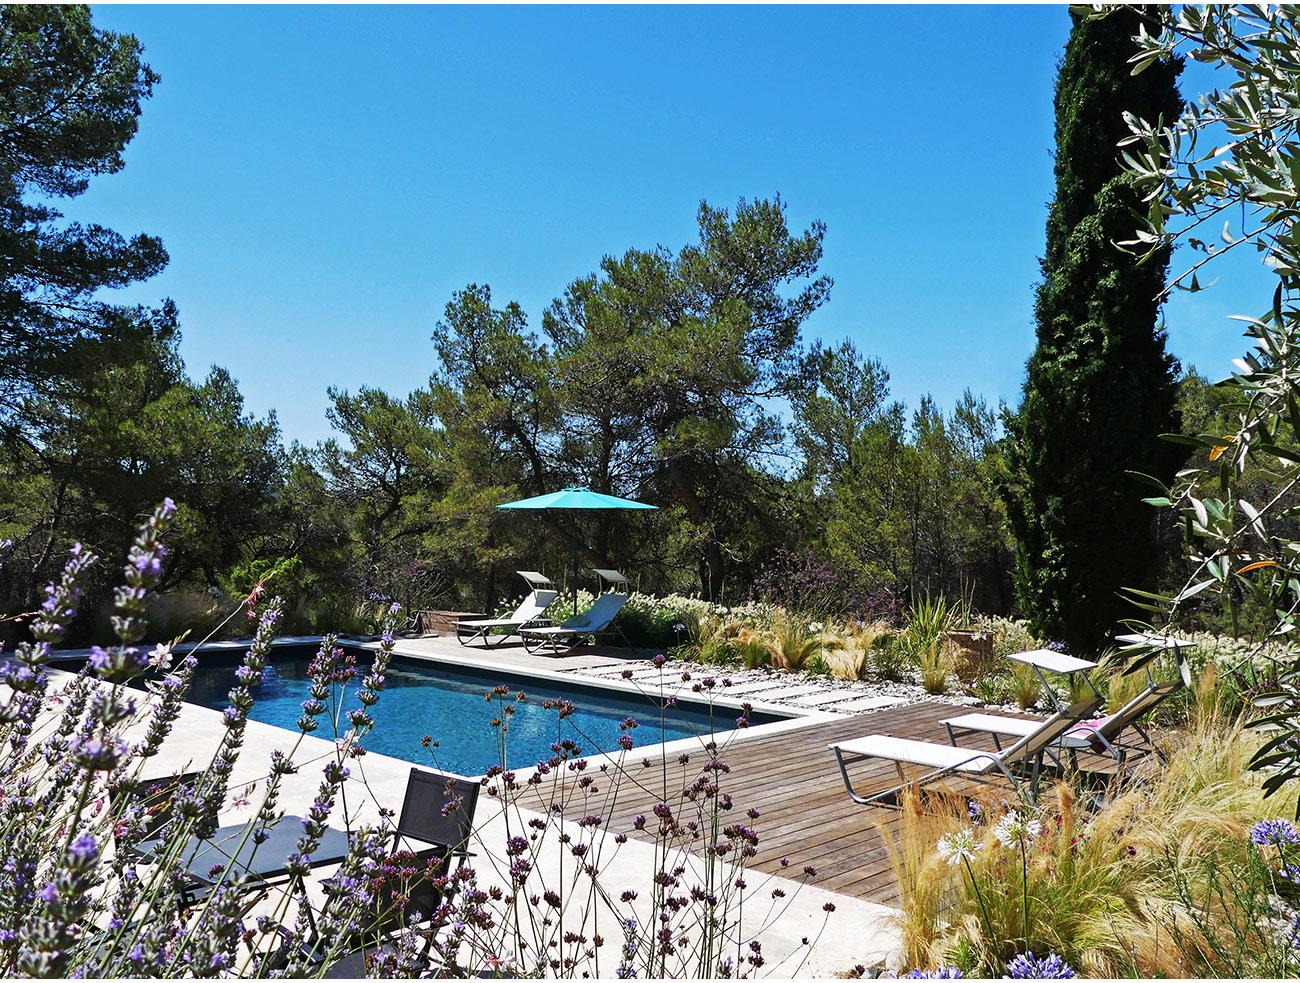 Atelier Naudier - Architecte paysagiste concepteur - Montpellier et Aix en Provence - Jardin de piscine naturel - aménagement jardin